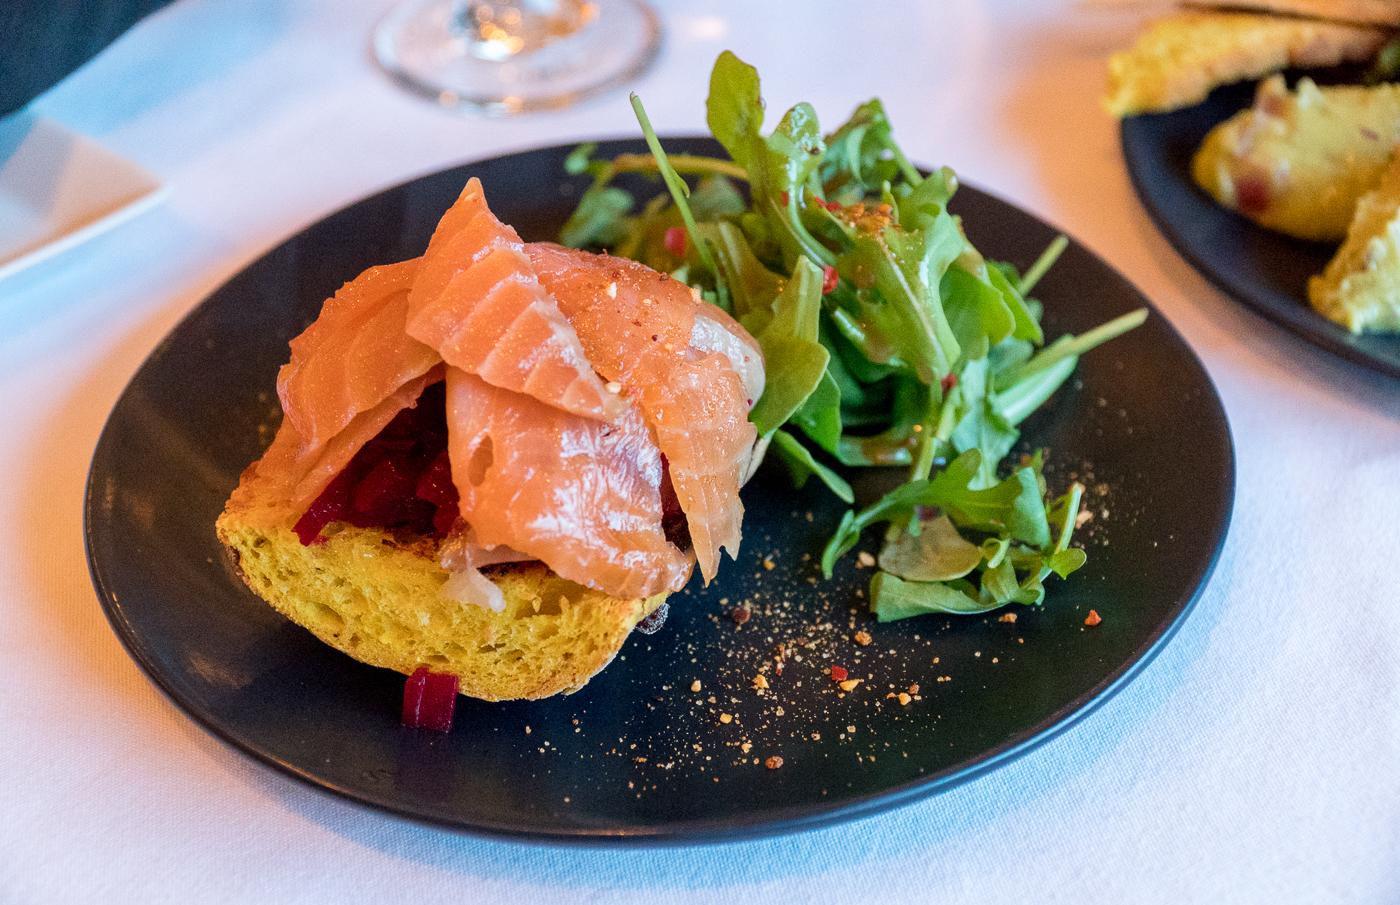 saumon fumé et salade à la bonne vôtre - où manger à Drummondville au Centre-du-Québec